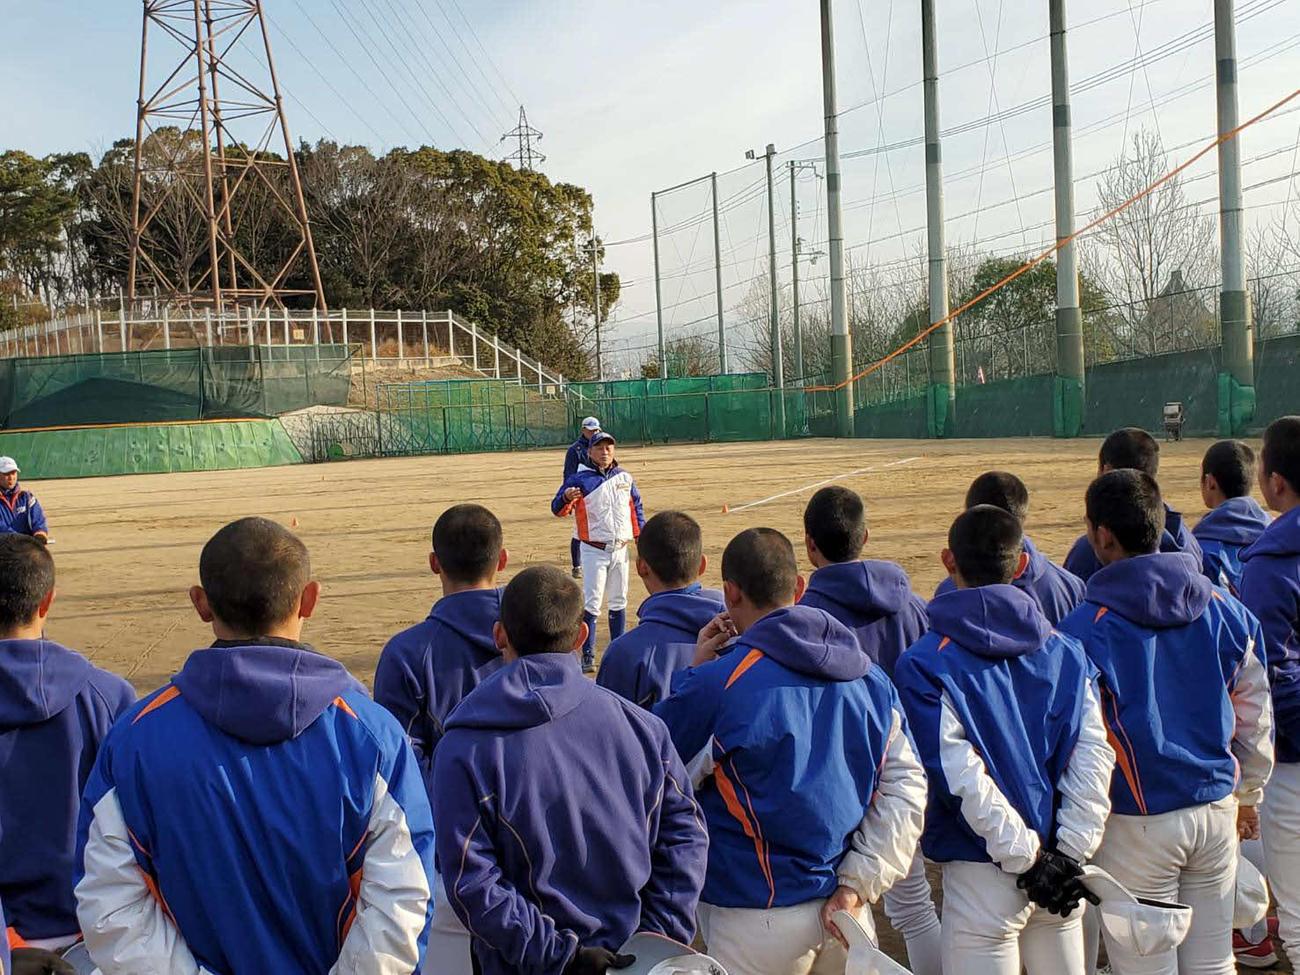 阪神・淡路大震災から26年たち、神戸国際大付の青木尚龍監督は練習前のミーティングで選手に当時の話をして日常の尊さを説いた